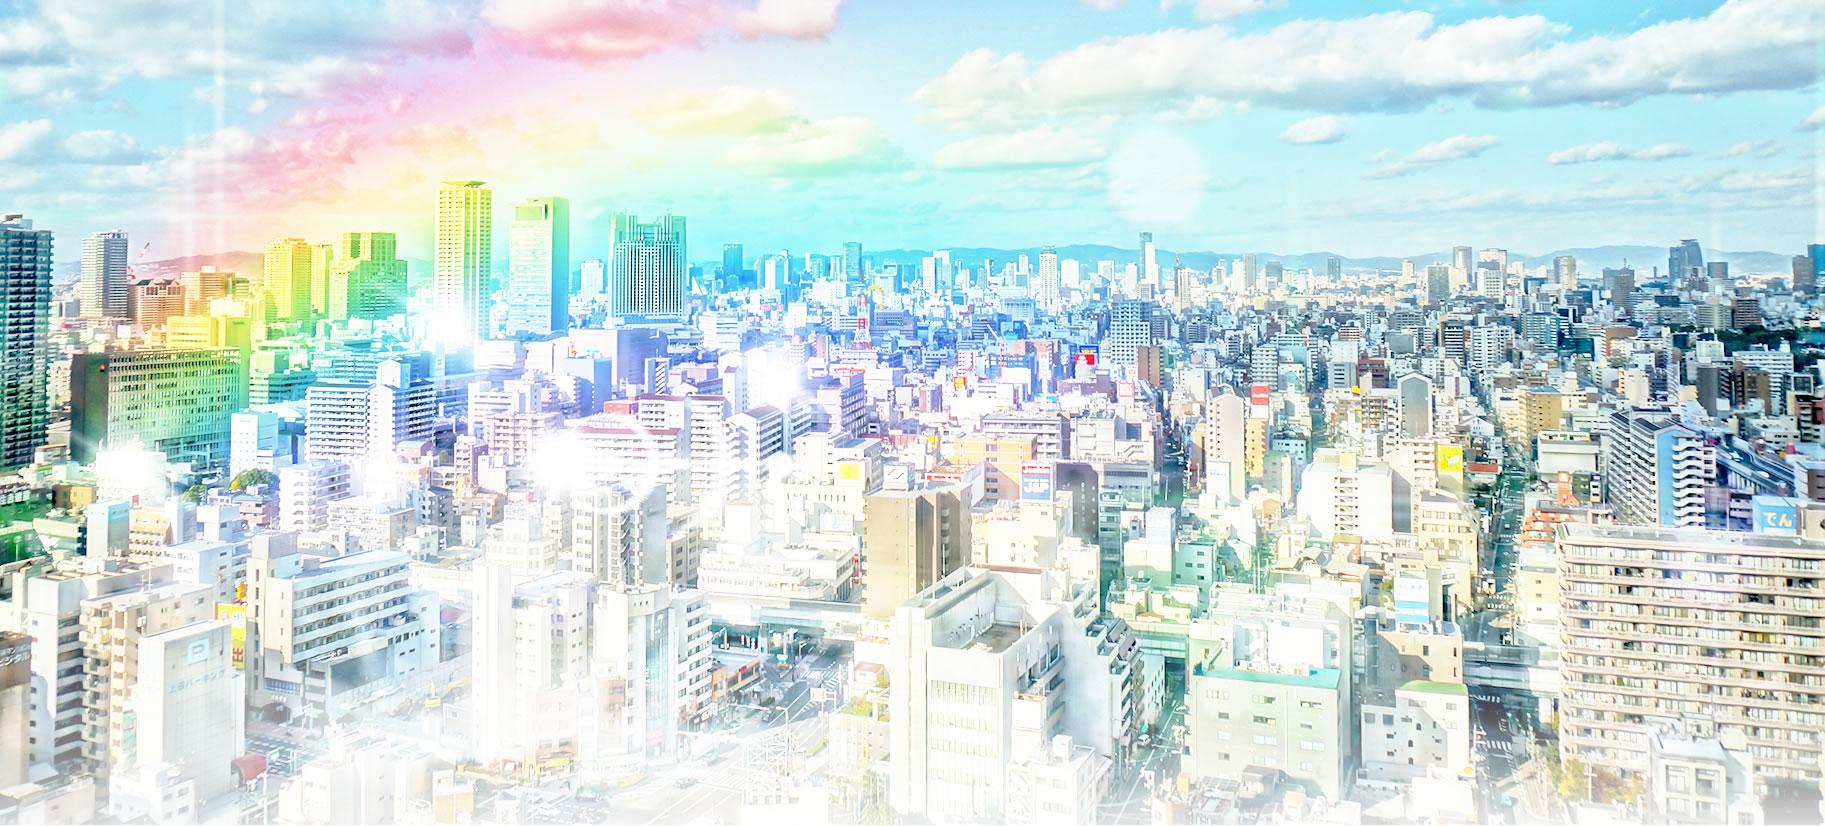 田中建興が築く未来のイメージ画像